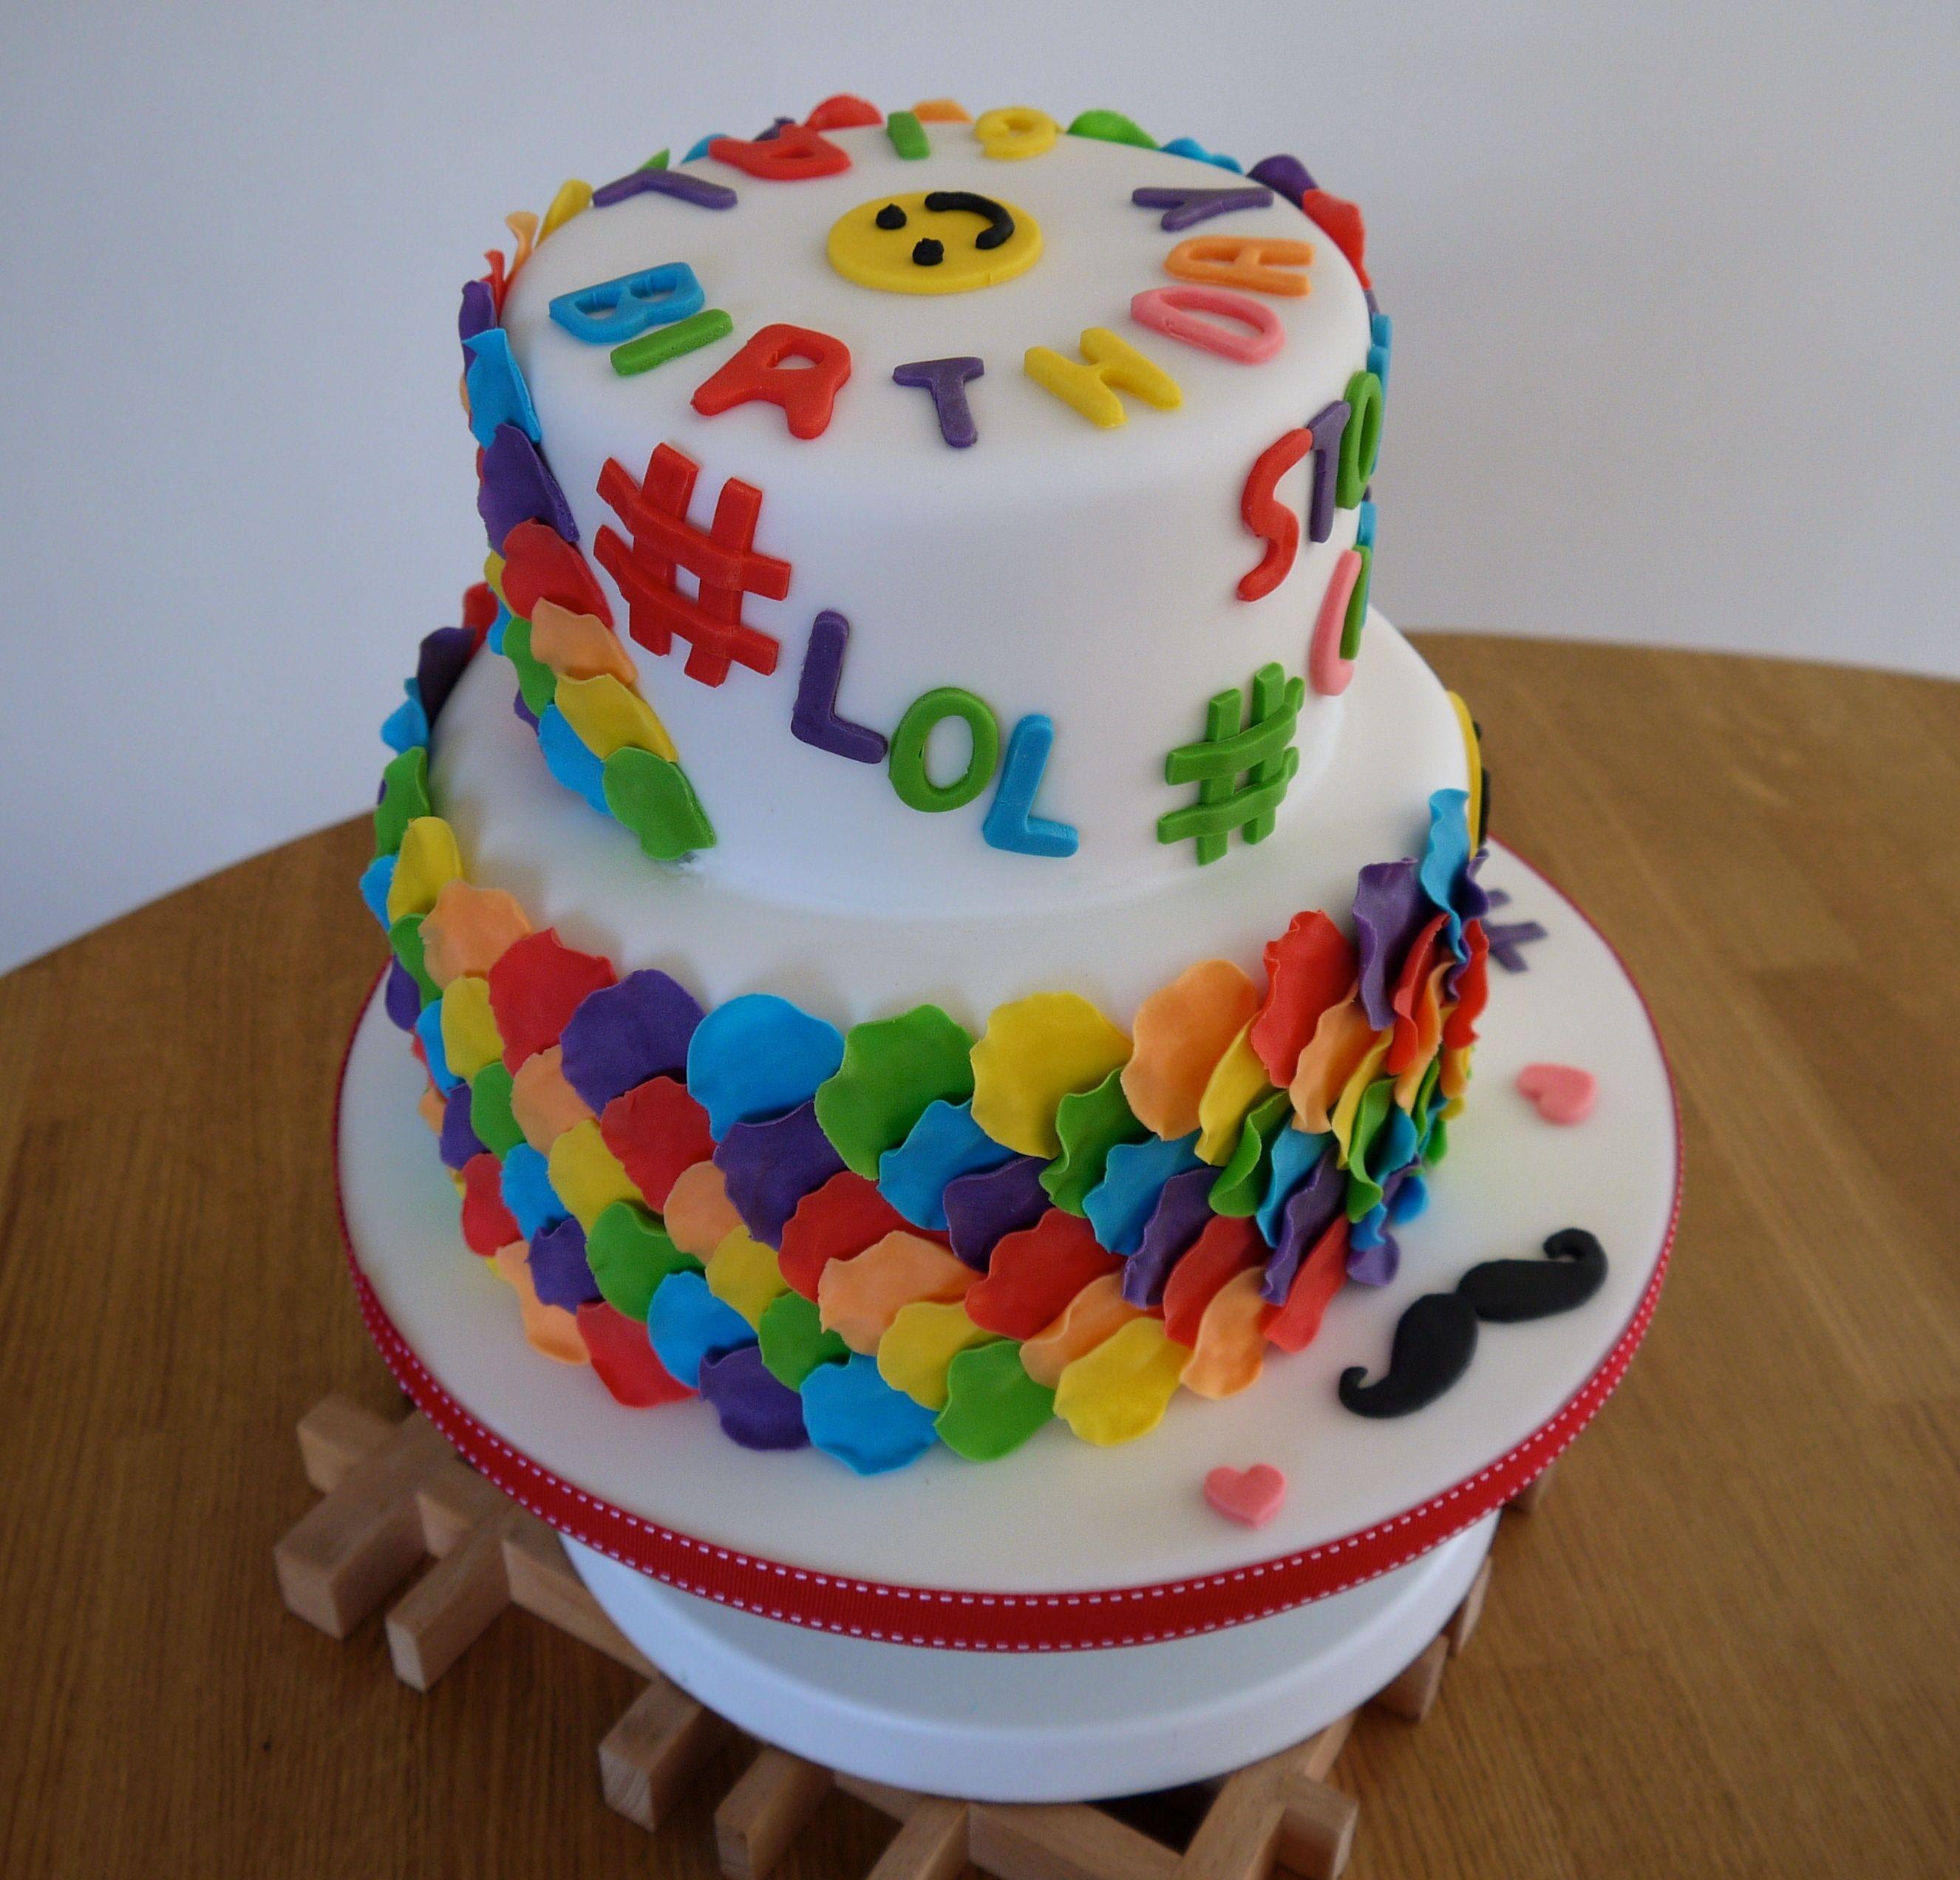 Hashtag/emoji Cake With Rainbow Petals - CakeCentral.com